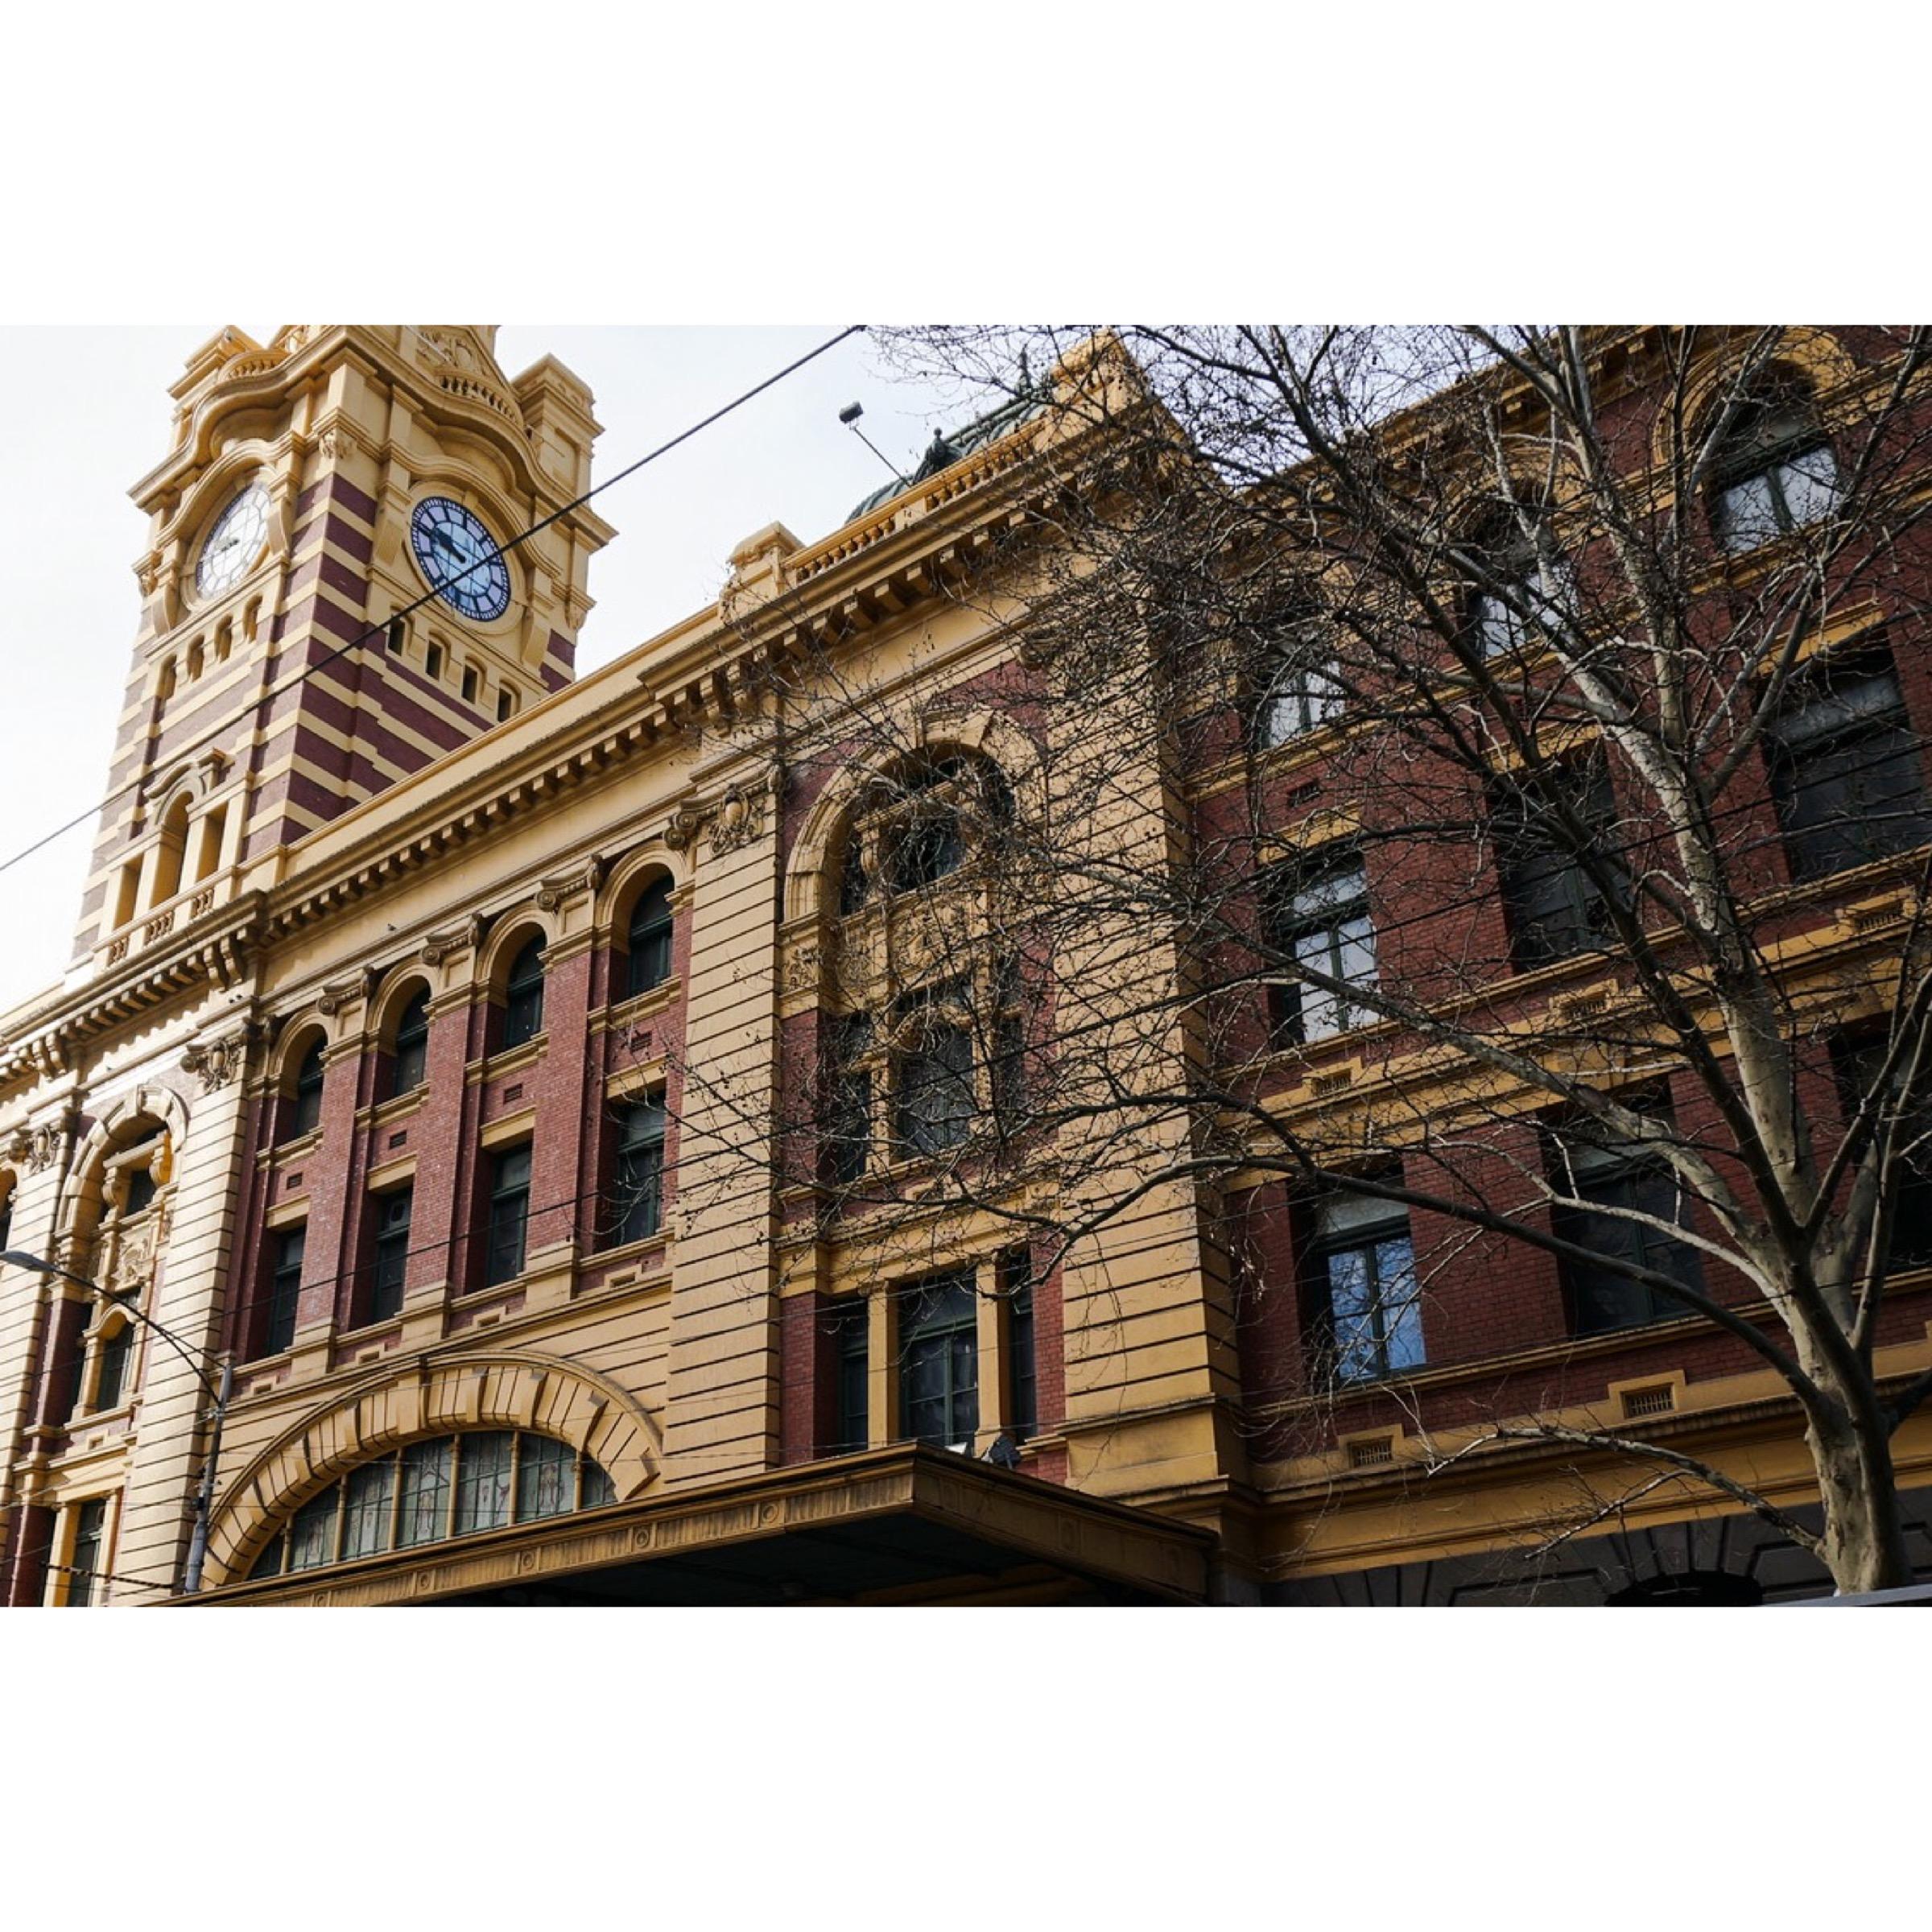 Flinders Station Melbourne